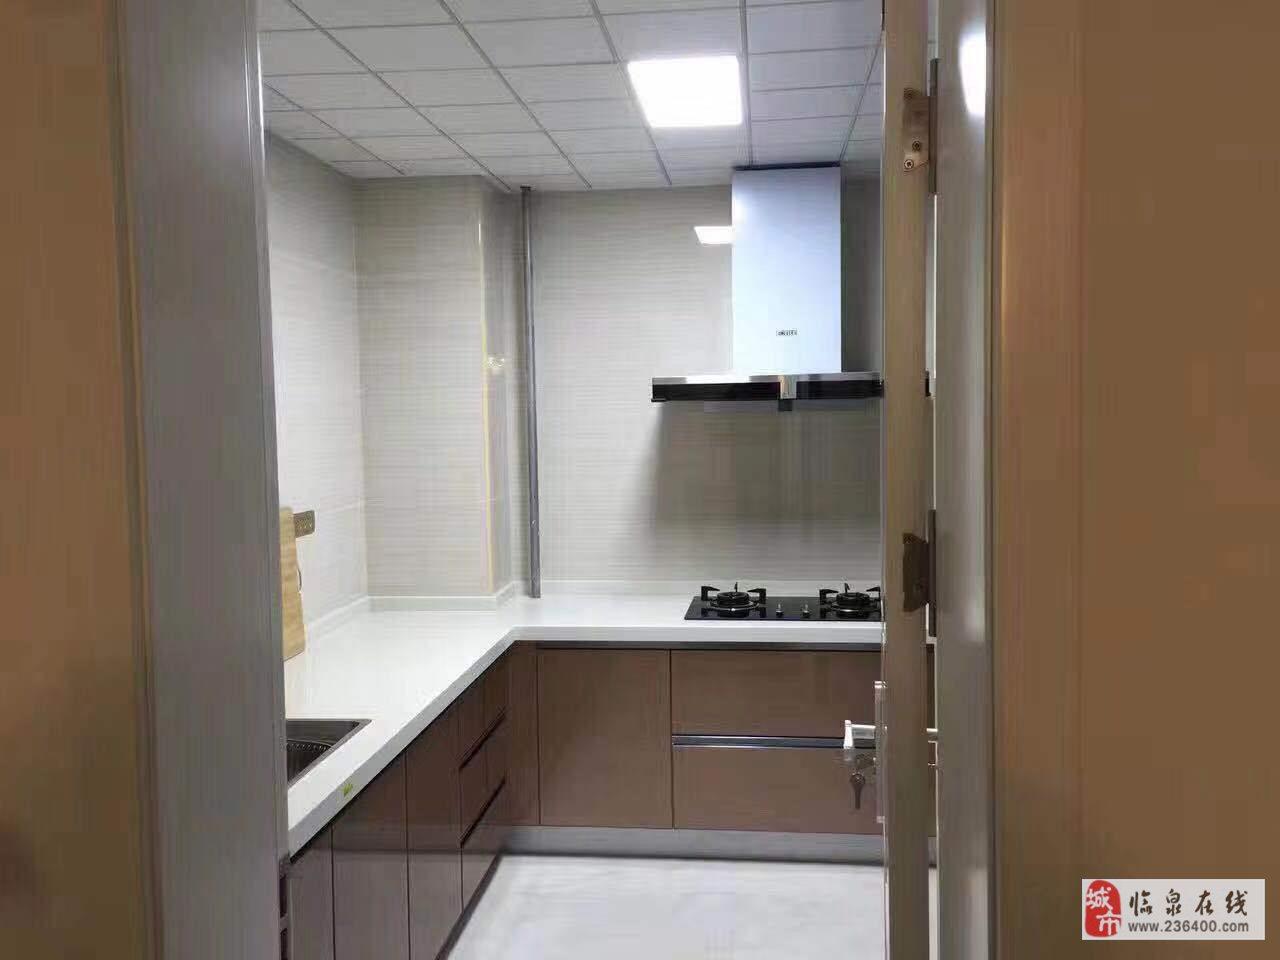 金阳国际城精装修分证满2年3室2厅2卫87万元